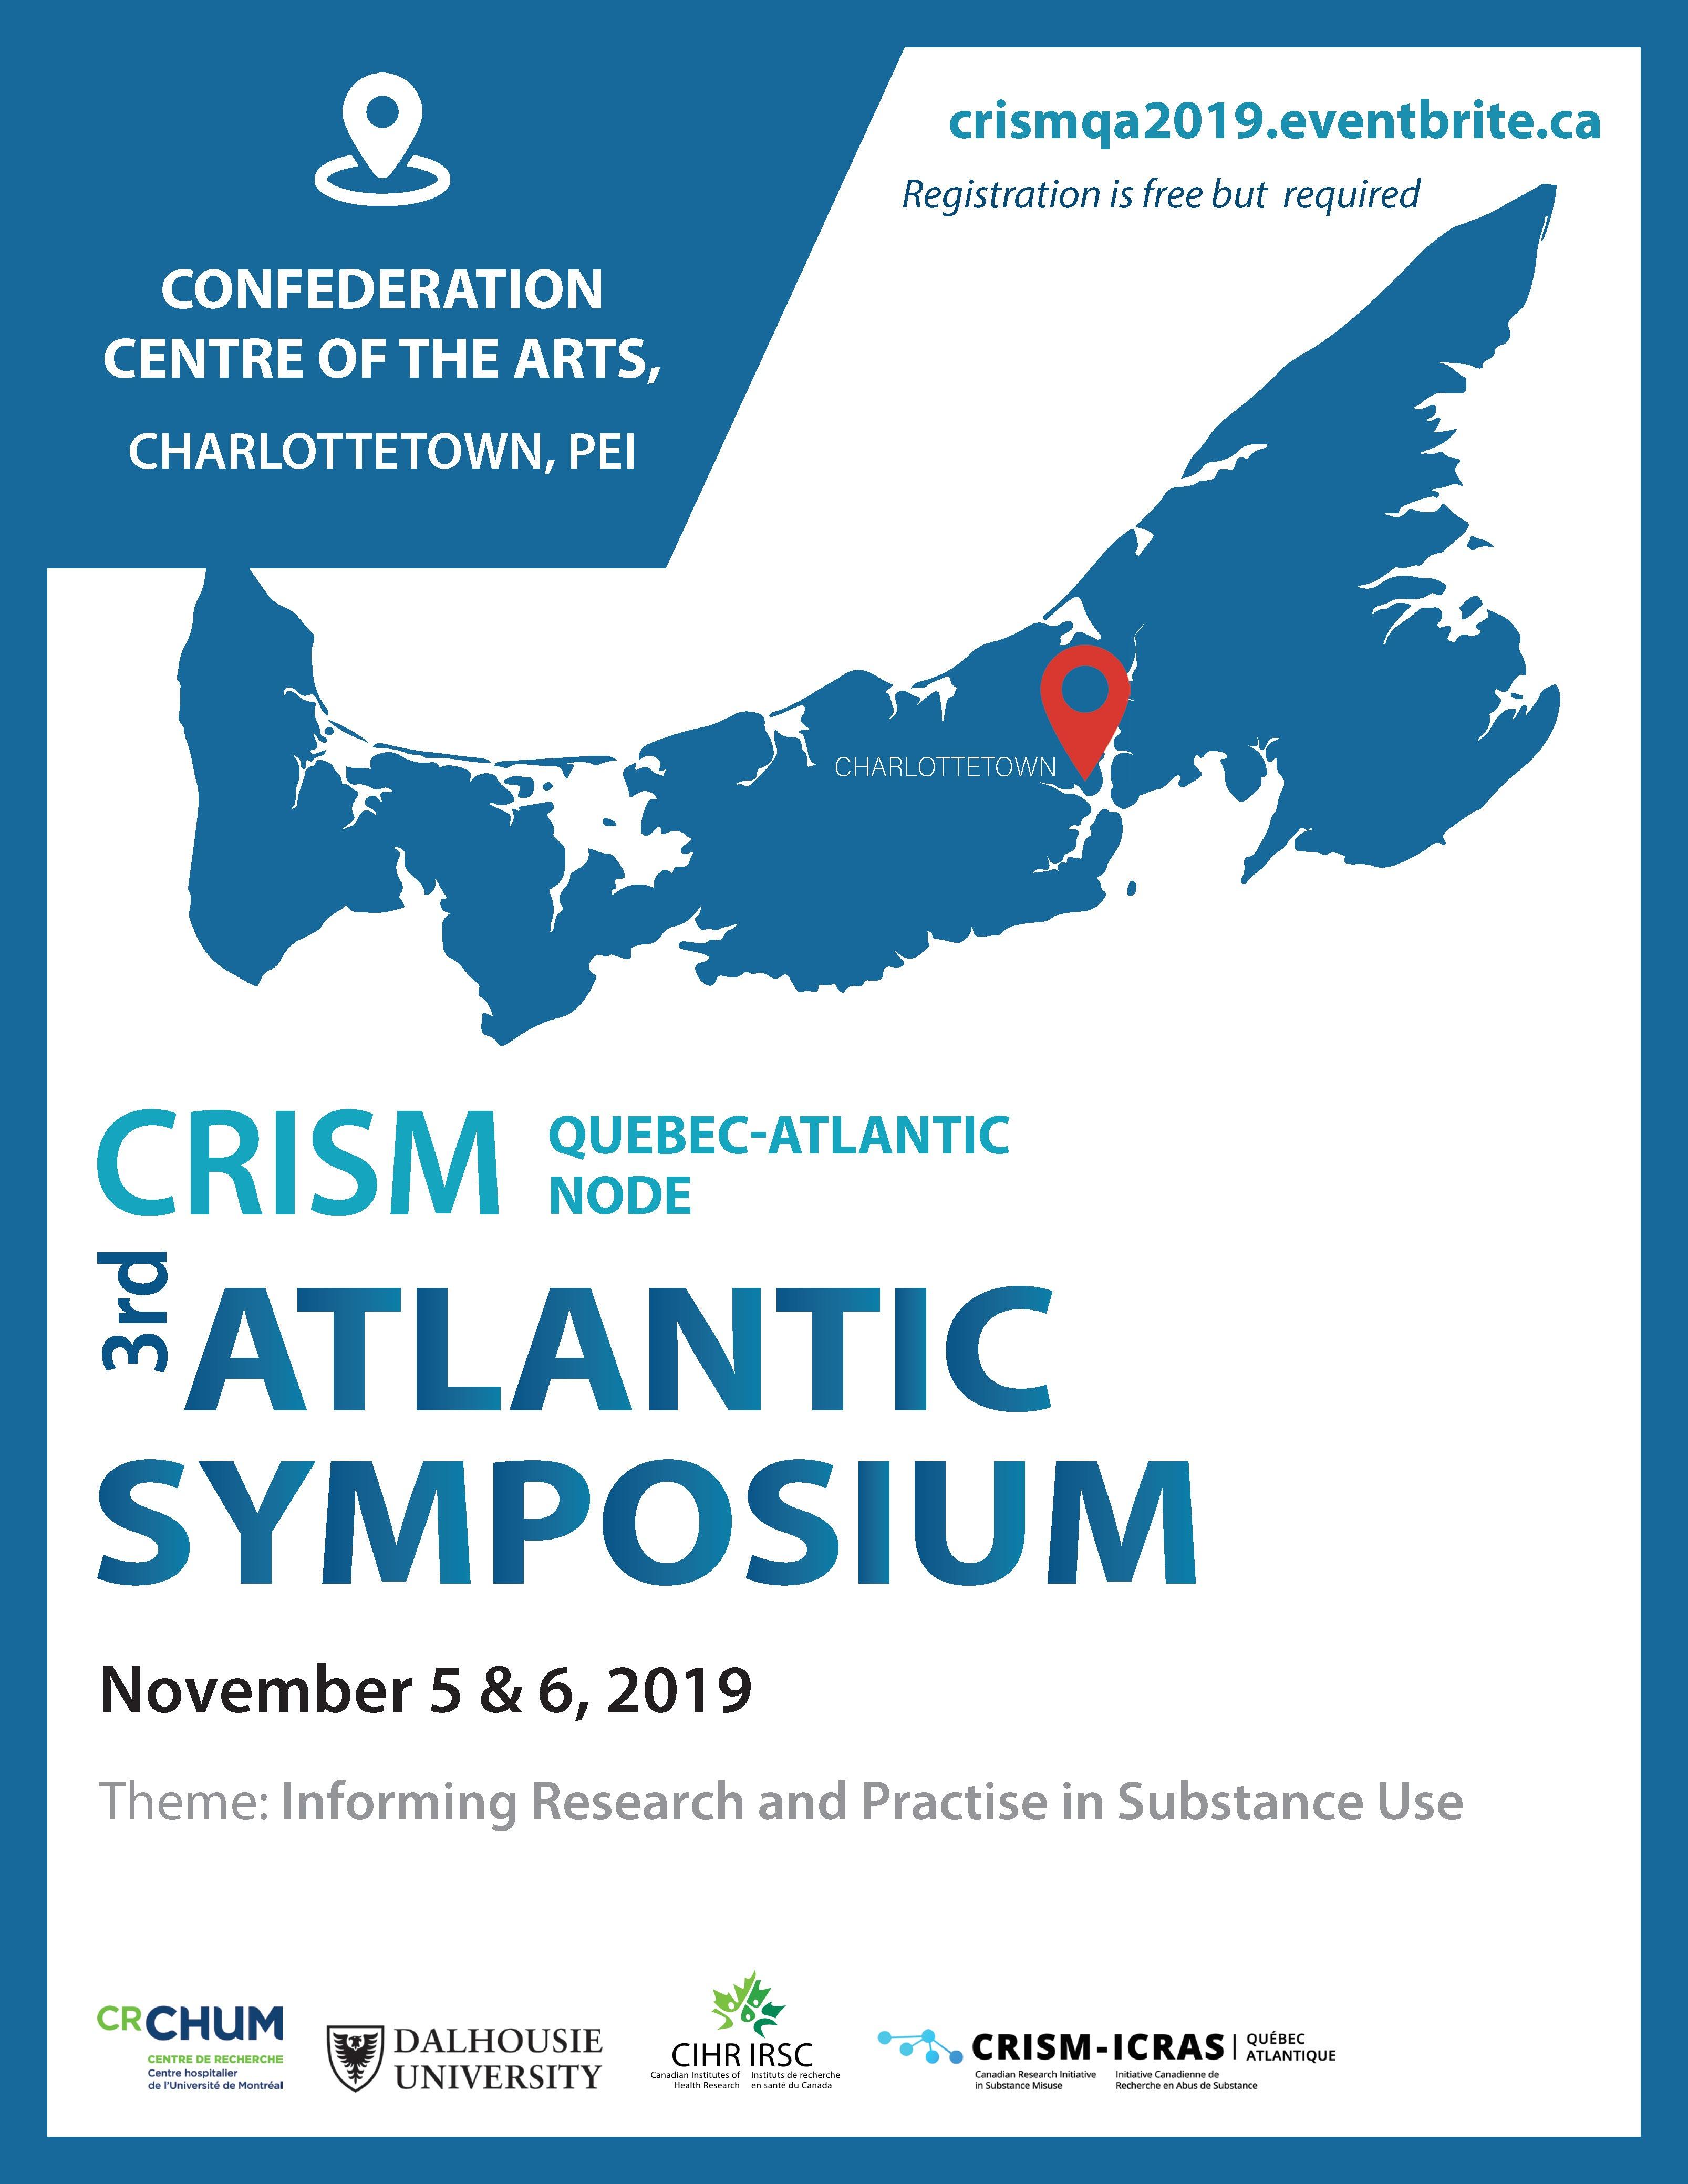 poster-CRISM-QC-Atlantic-3rd-symposium